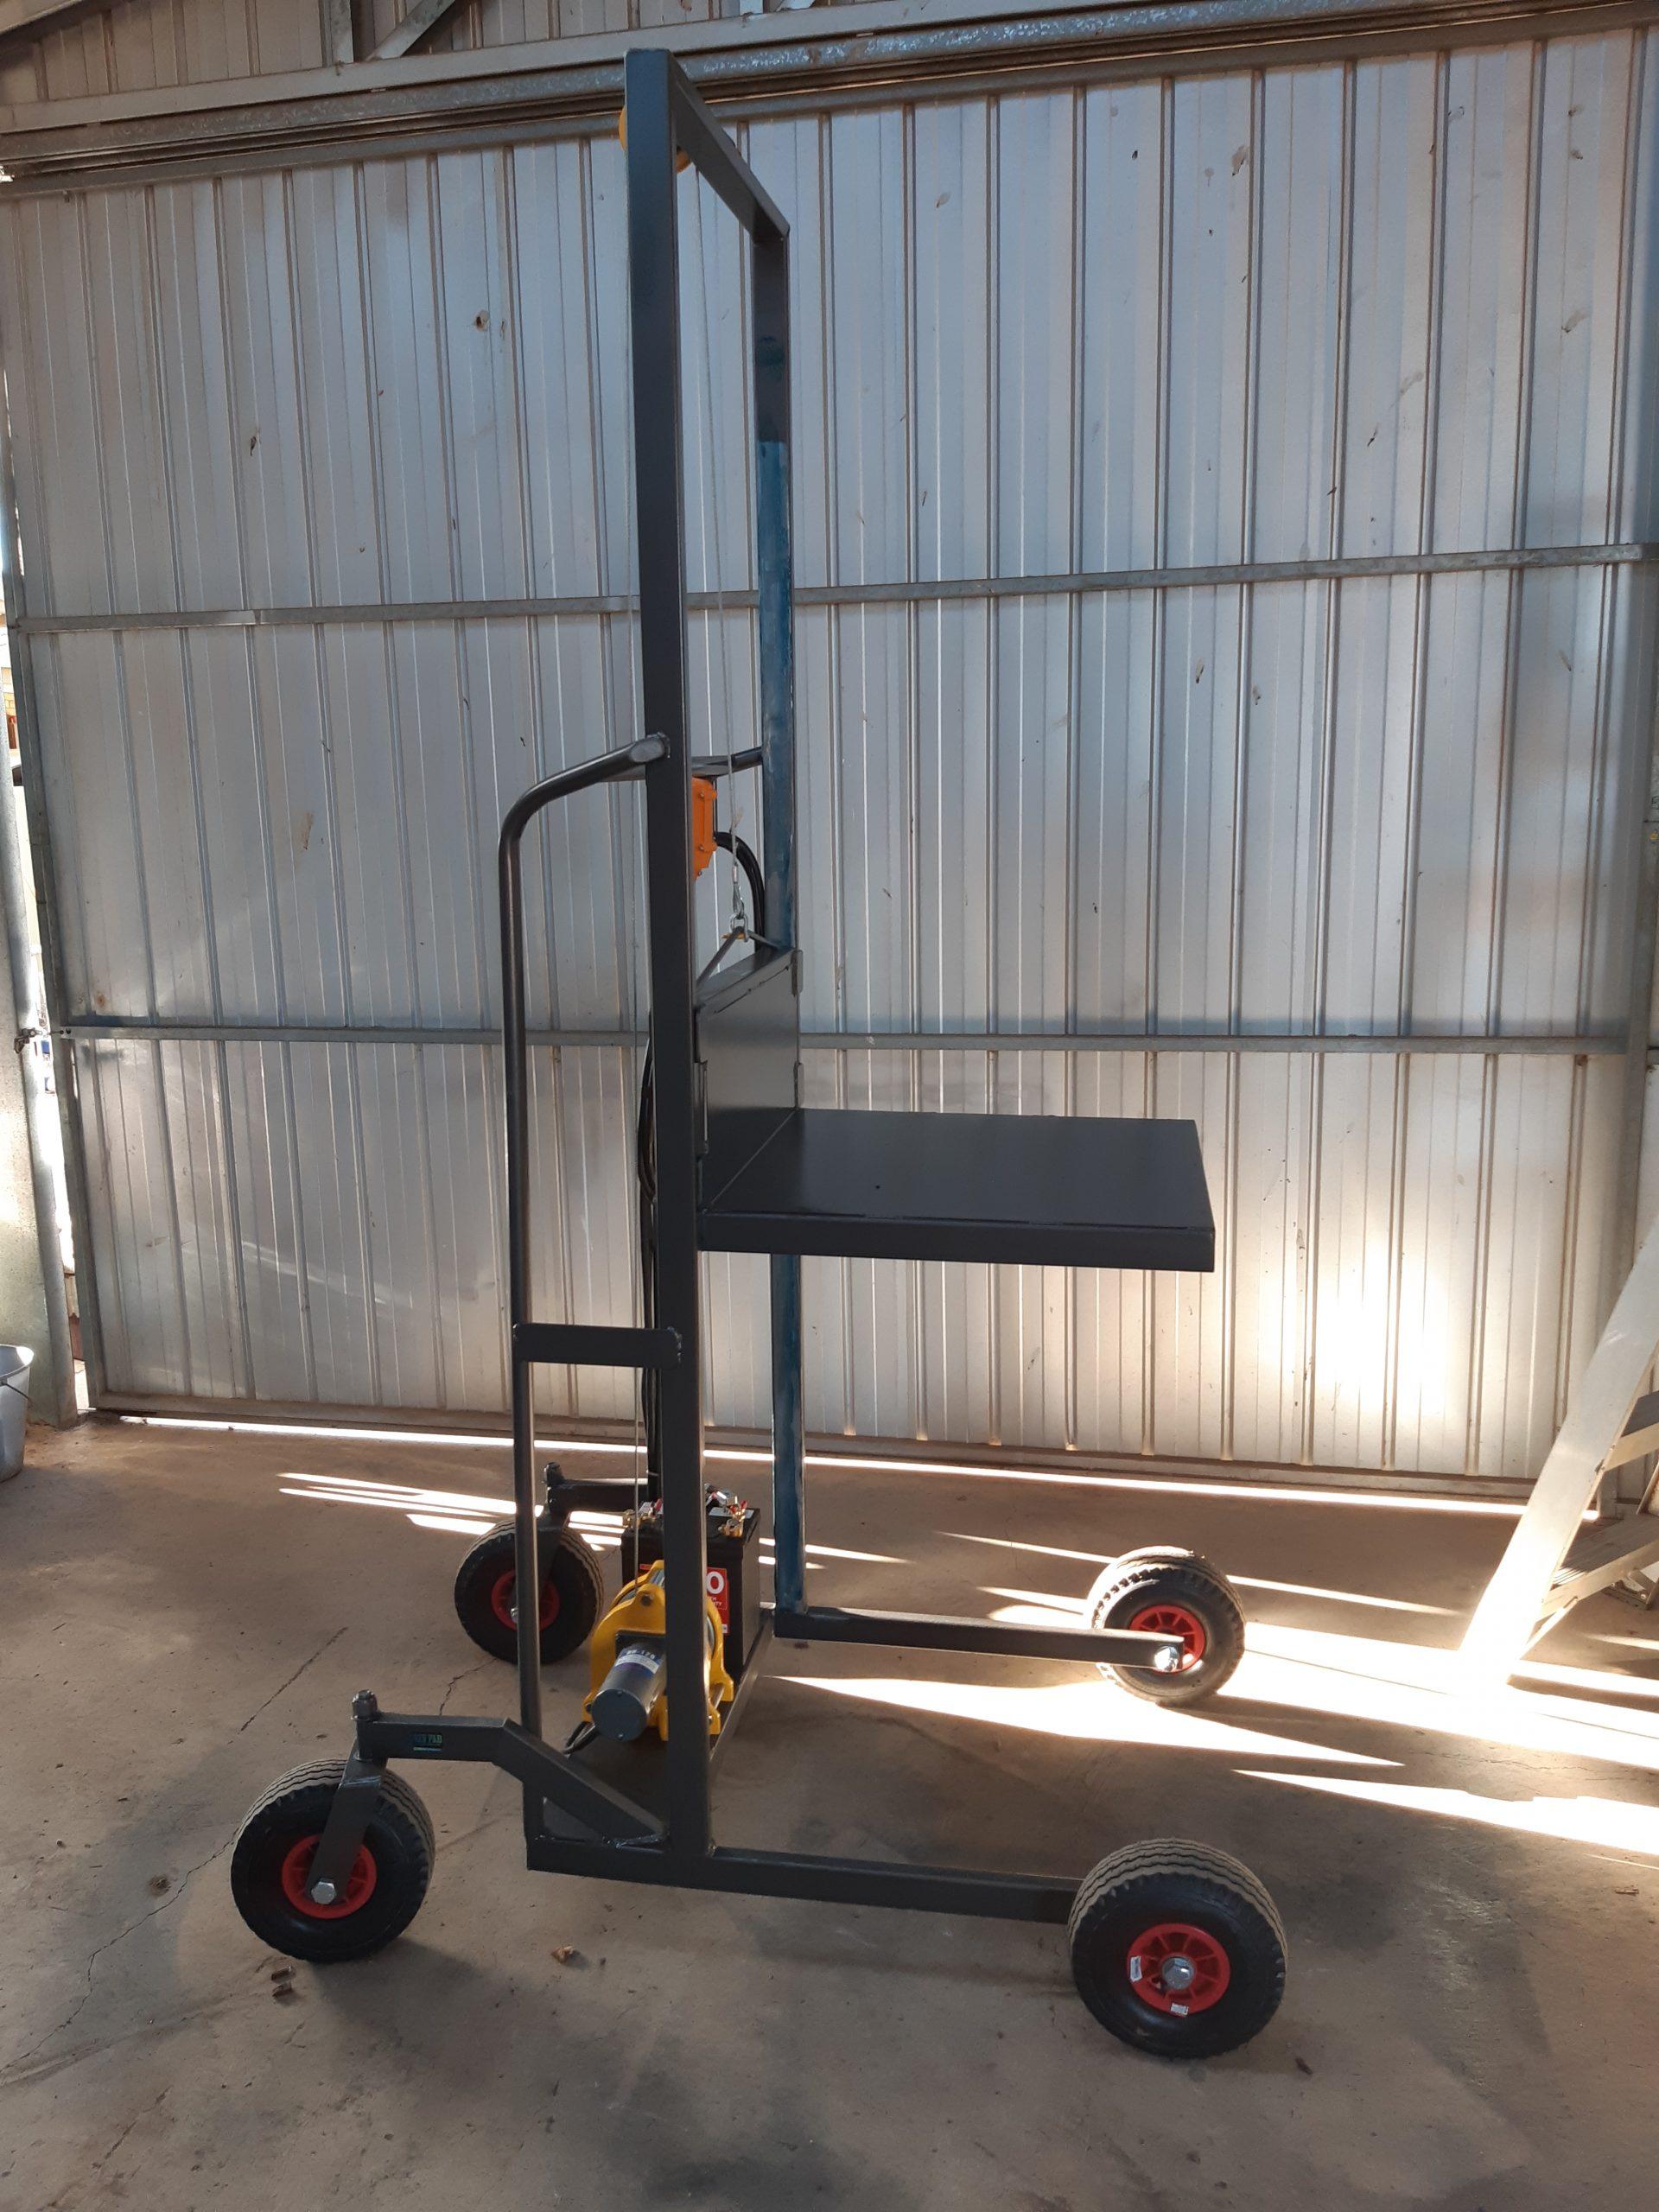 Mechanical lifter